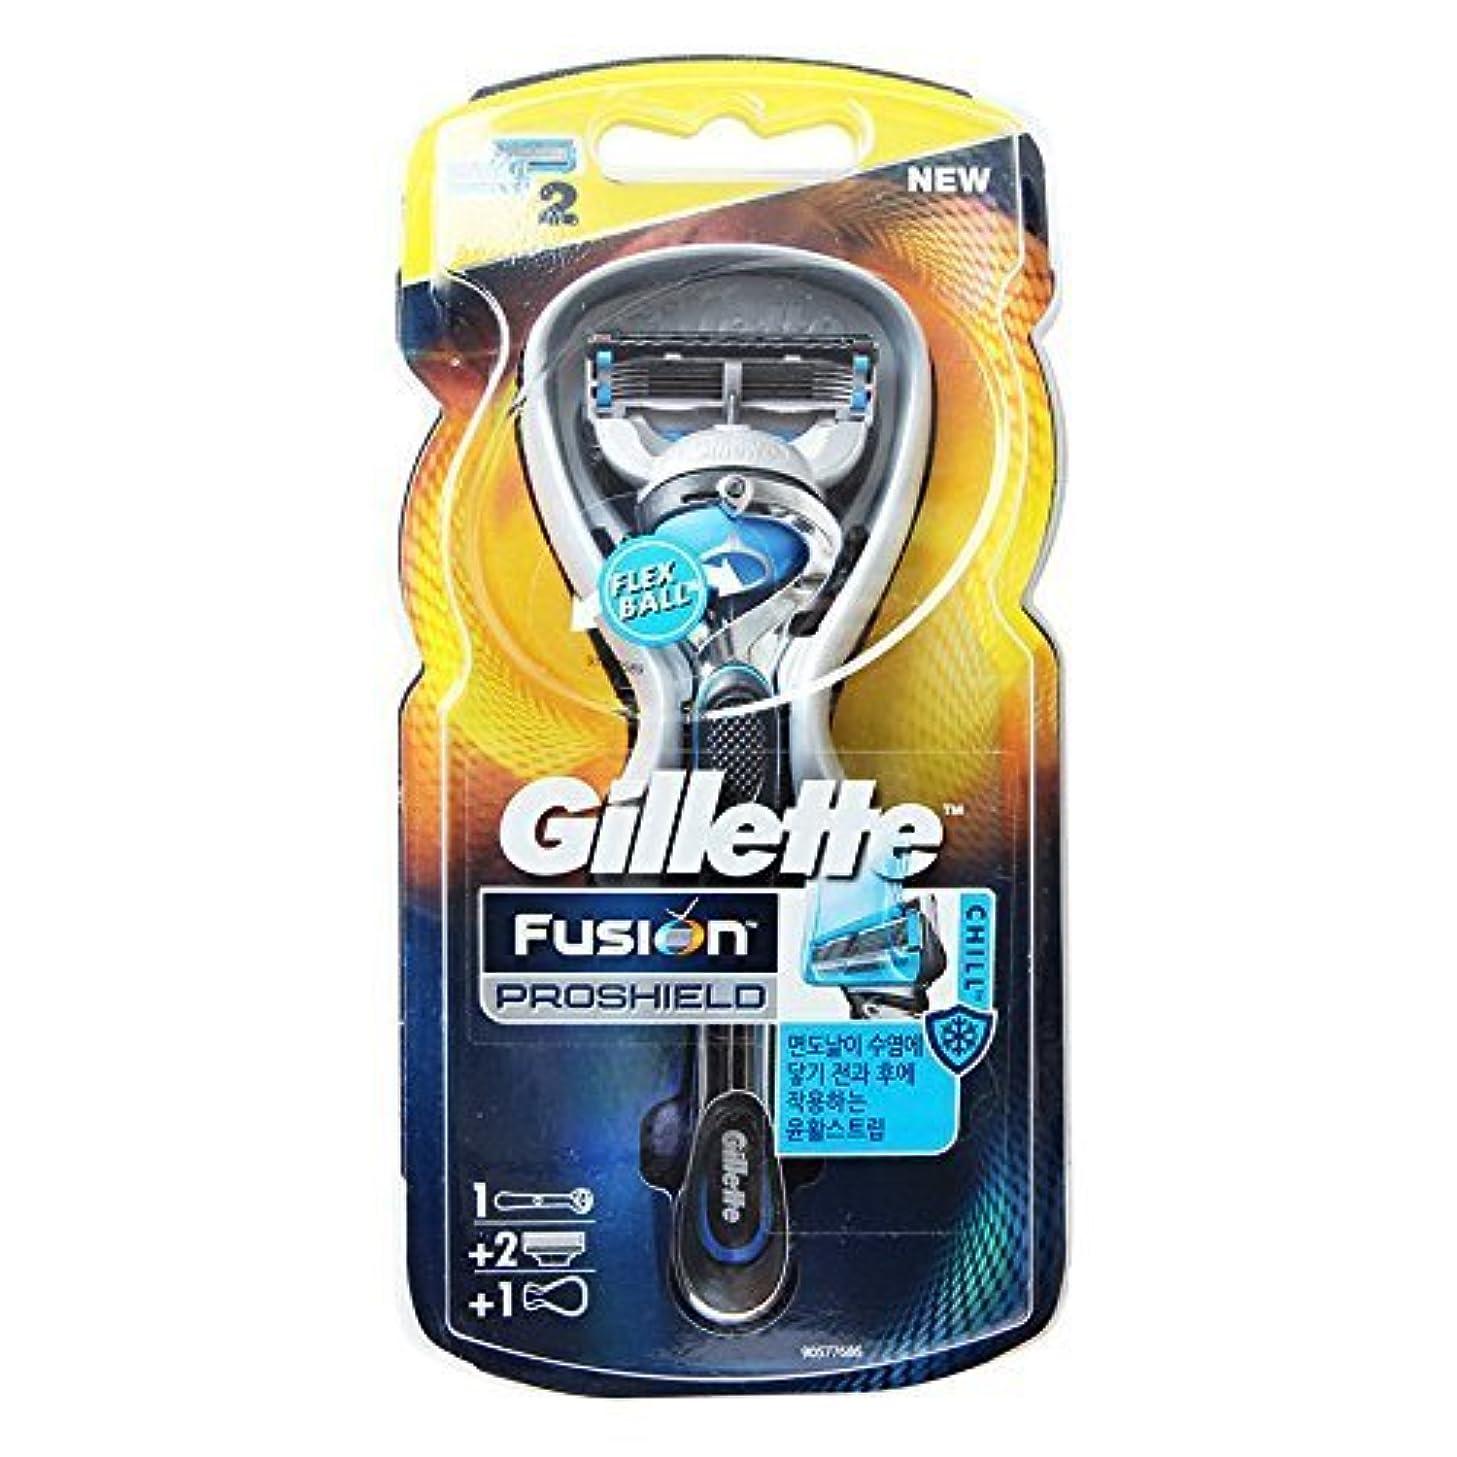 ごみ貫通錫Gillette Fusion Proshield Chill Blue フレックスボールレザーブレードリフィル付きメンズカミソリ2カウント [並行輸入品]